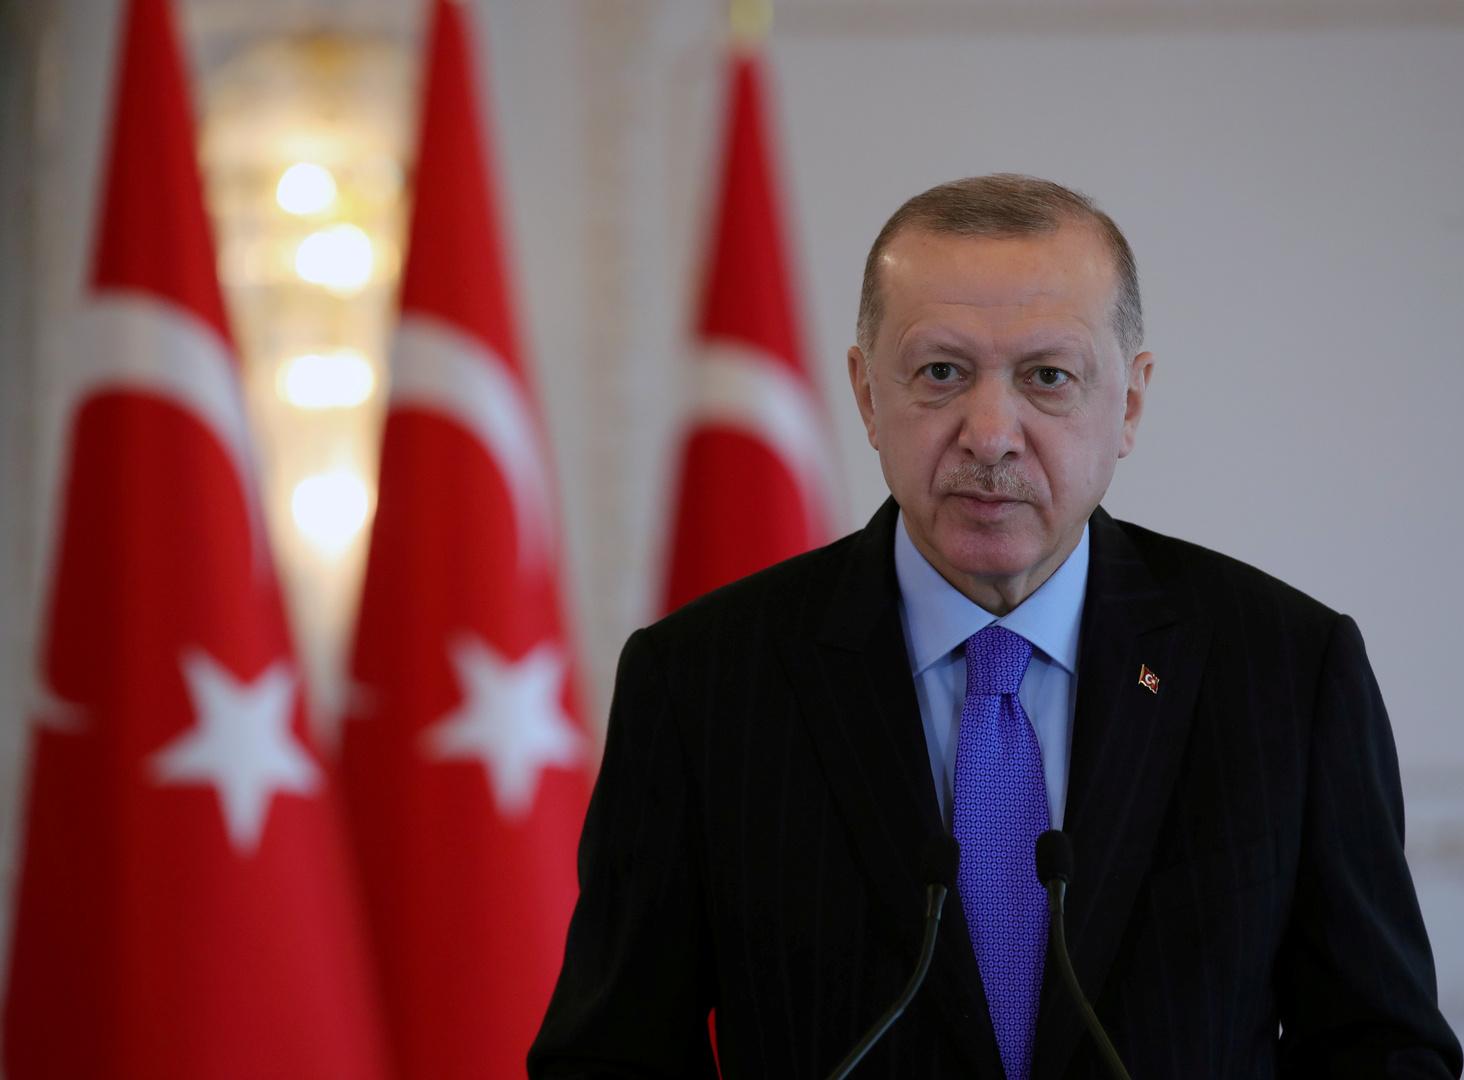 أردوغان: أقولها بوضوح ليست لدينا أطماع في أراضي الغير ونجاحاتنا في ليبيا خلطت الأوراق إقليميا ودوليا